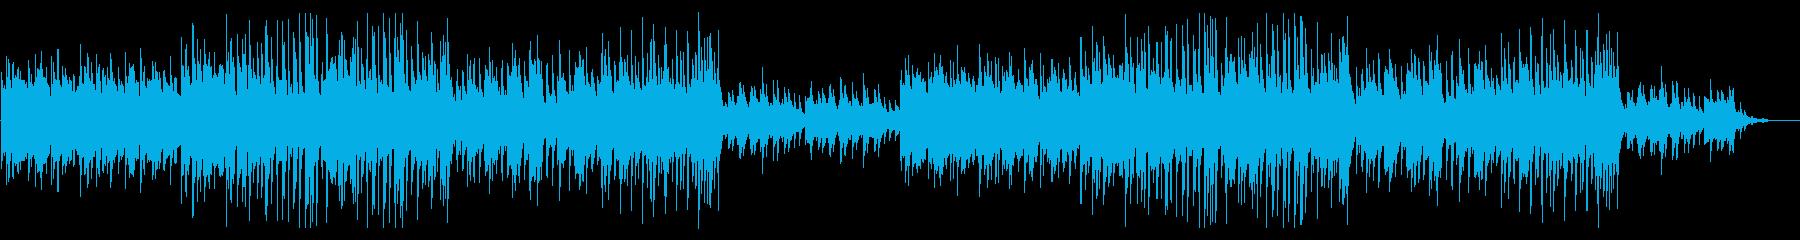 リズミカルなメロディのポップピアノ楽曲!の再生済みの波形